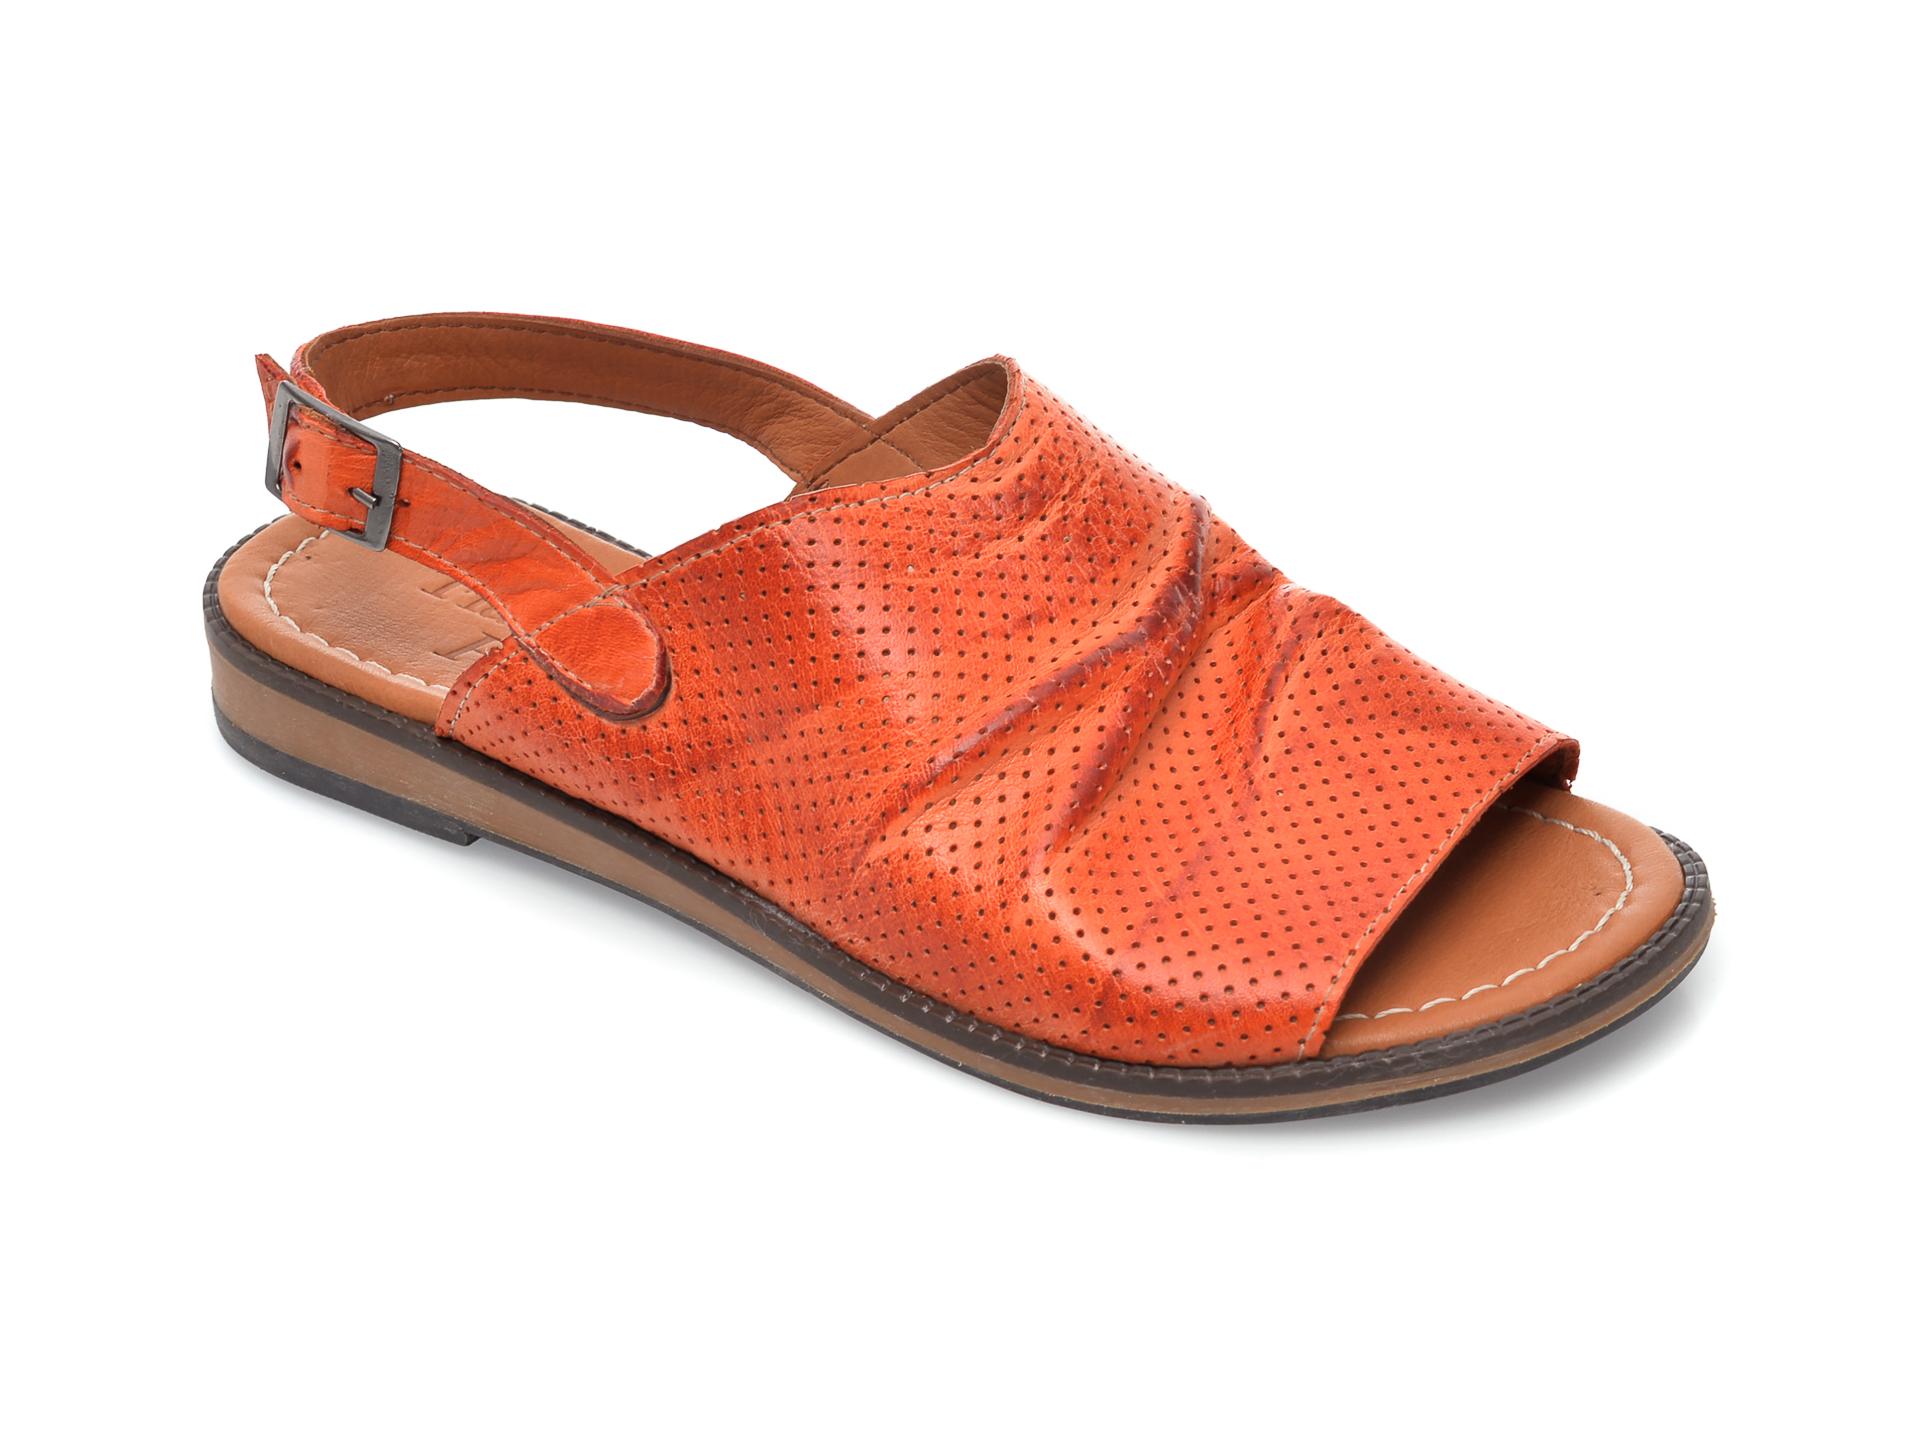 Sandale FLAVIA PASSINI portocalii, 201, din piele naturala imagine otter.ro